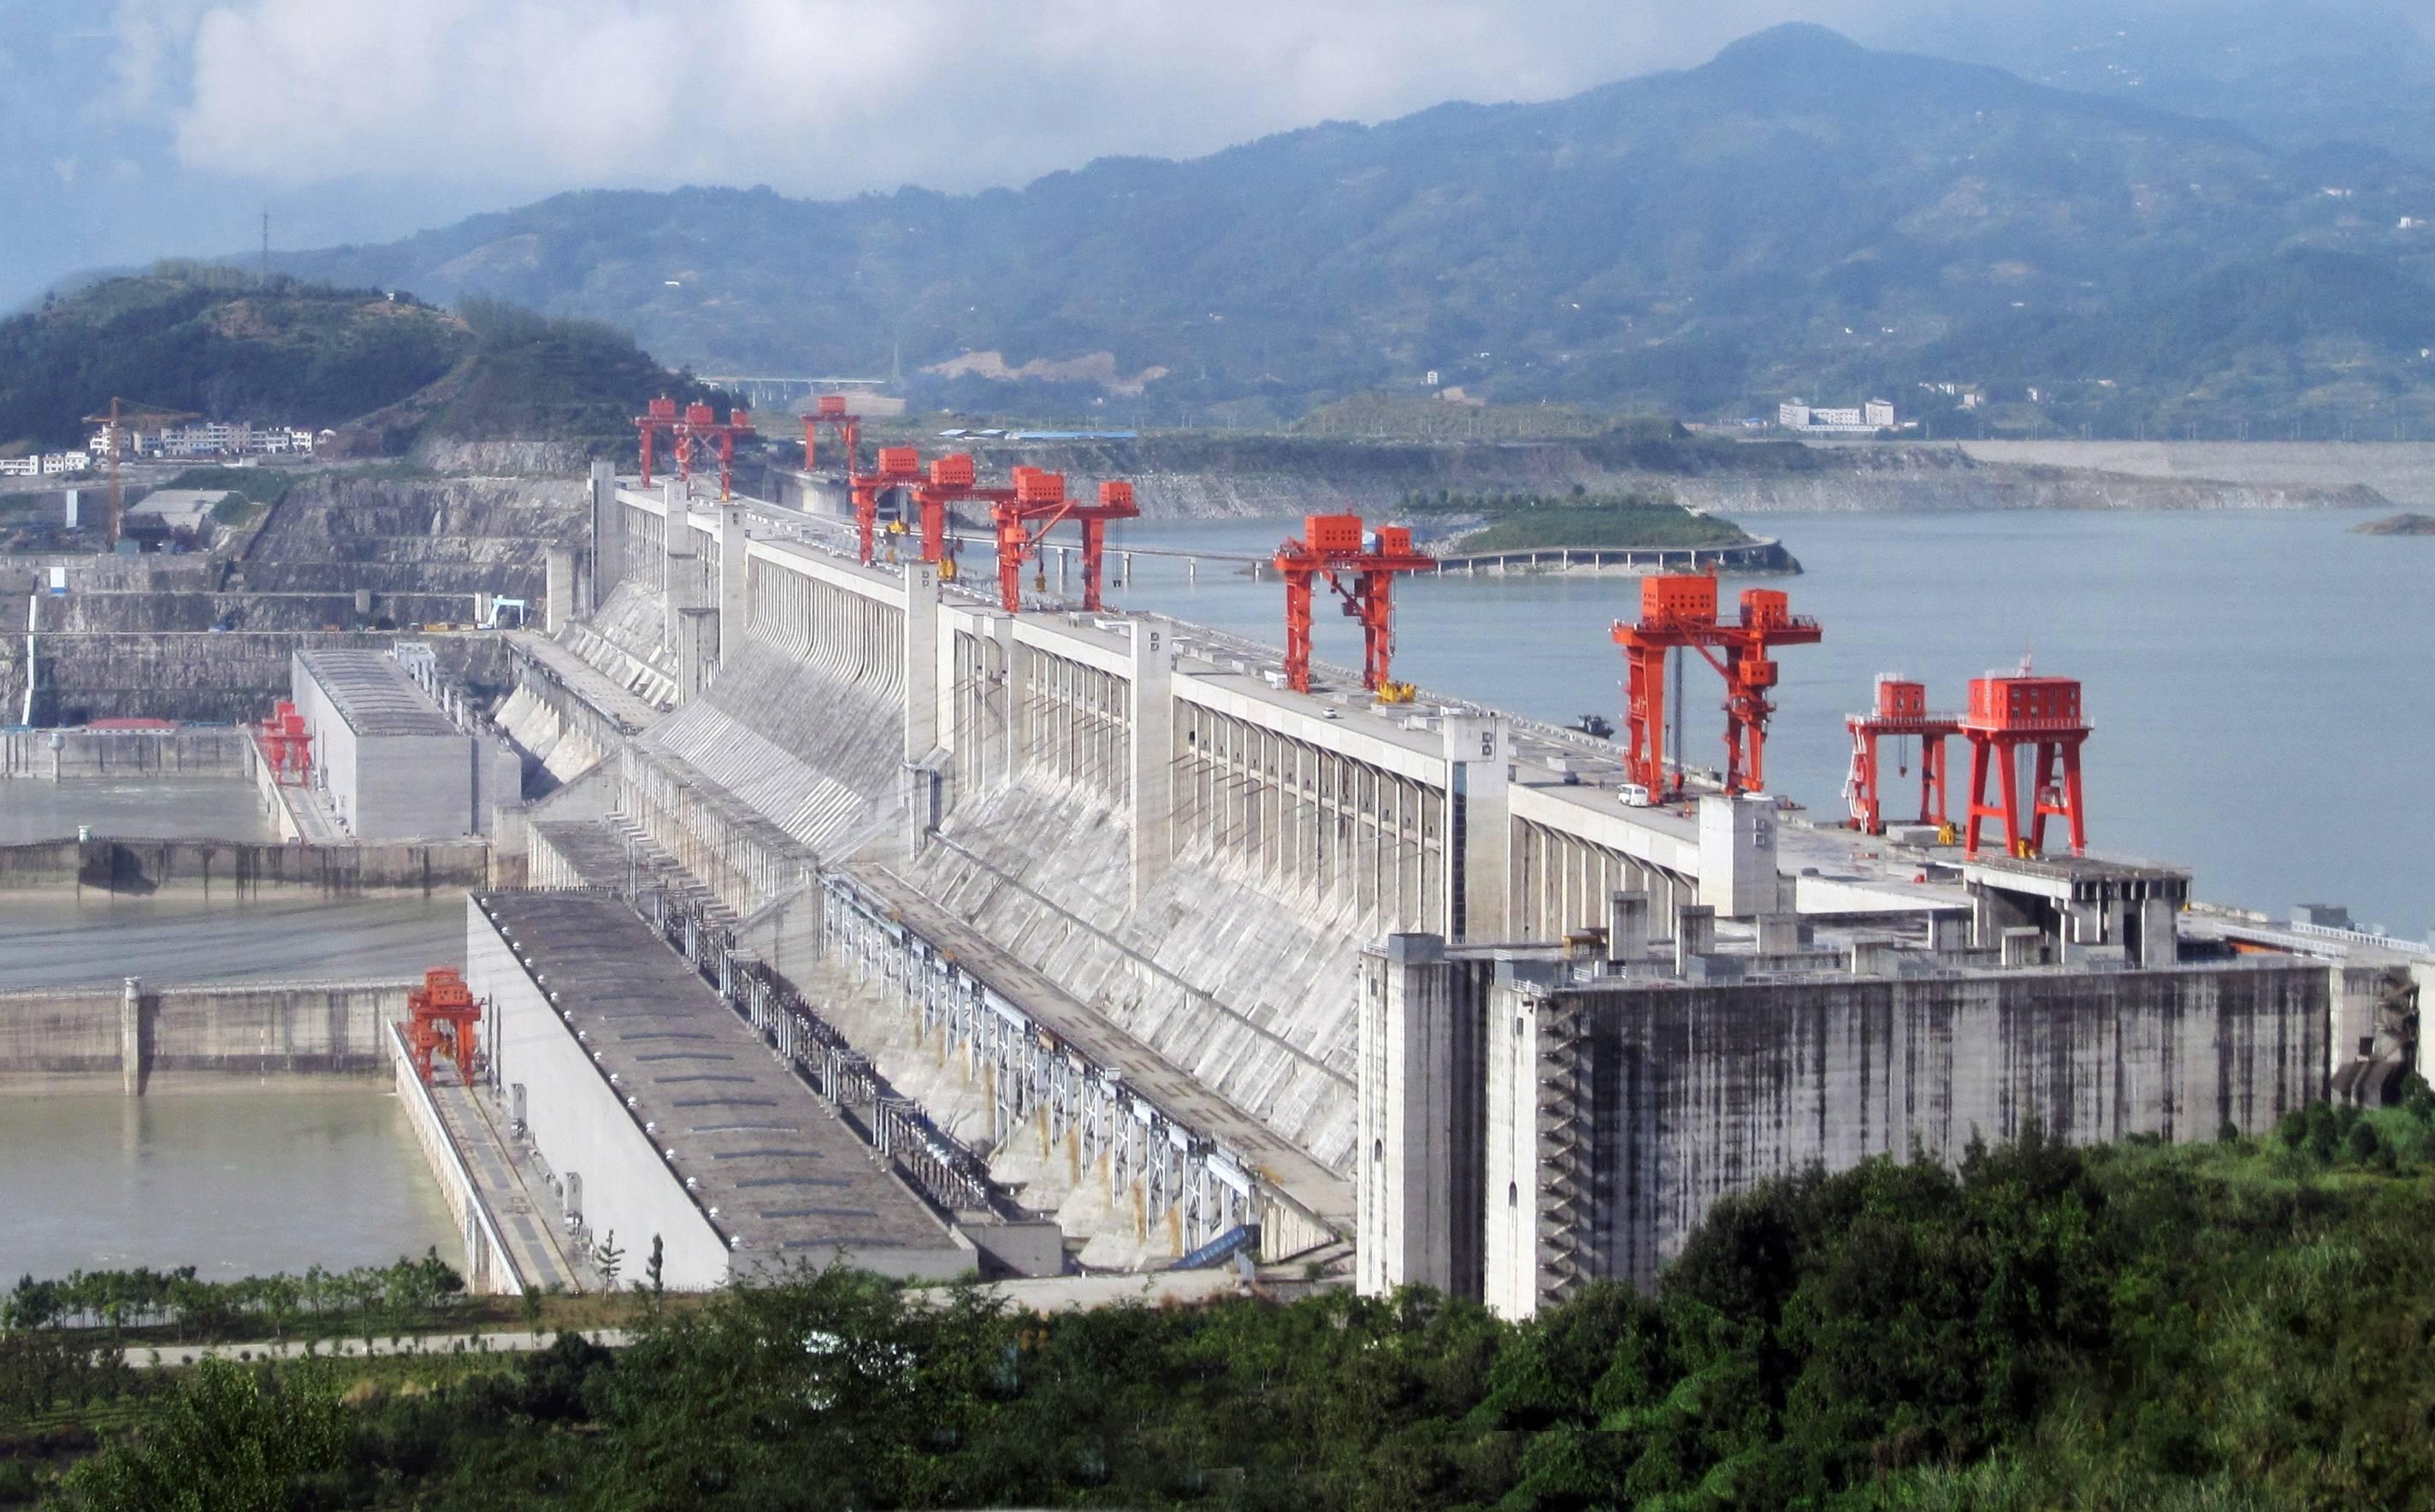 世界银行将提供1.37亿美金用于加强印度水坝安全